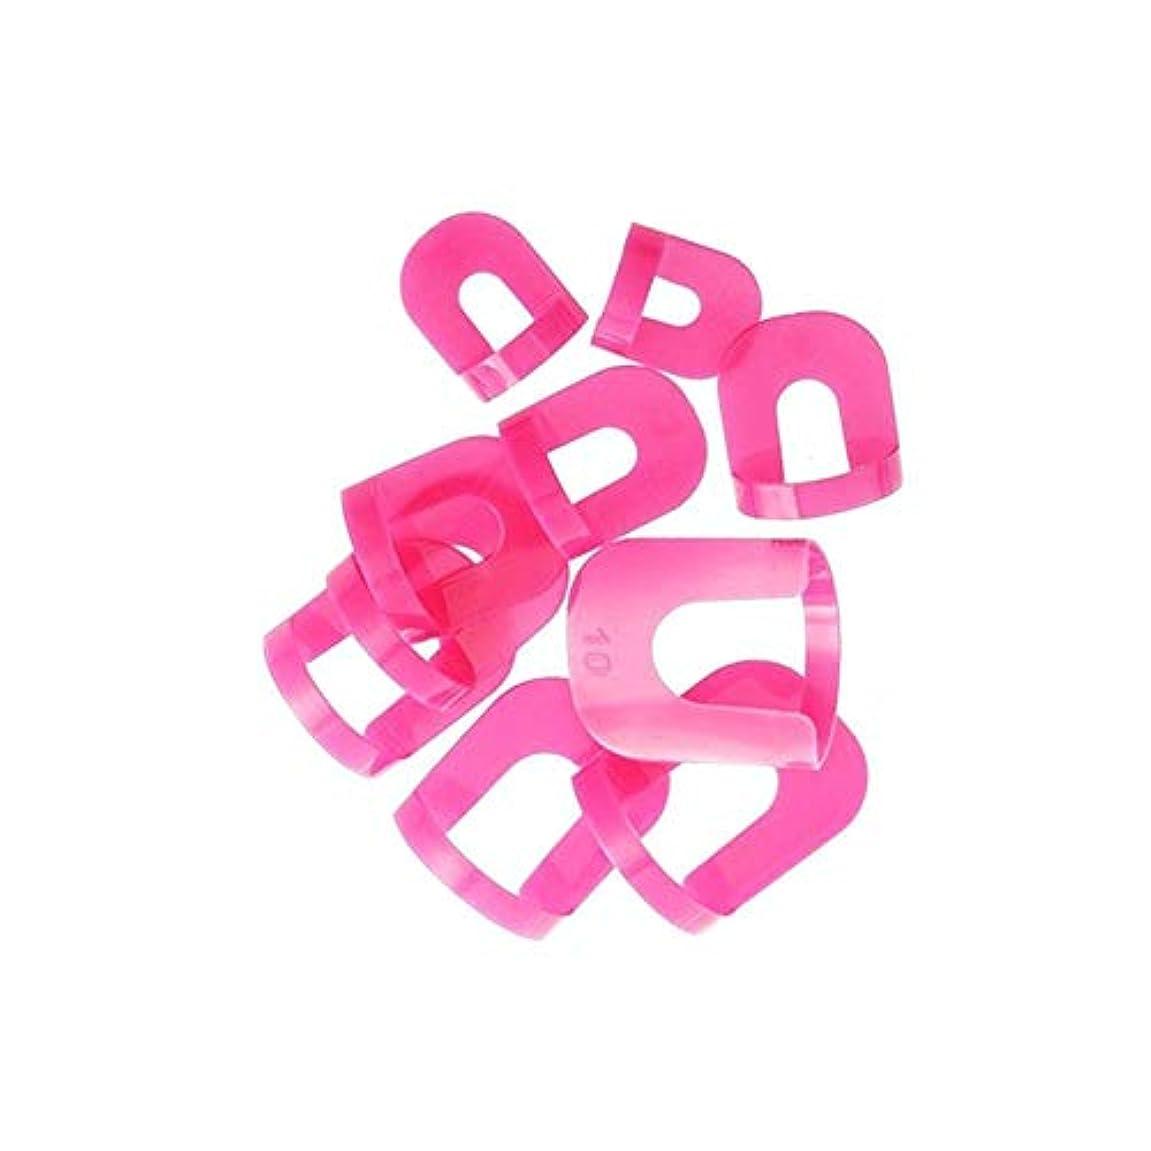 味付けジャンプする縫い目マニキュア保護テンプレート保護曲線状多指マニキュアの1セット、マニキュアが流出ホルダ10色ランダムサイズの互換性を持って設定します